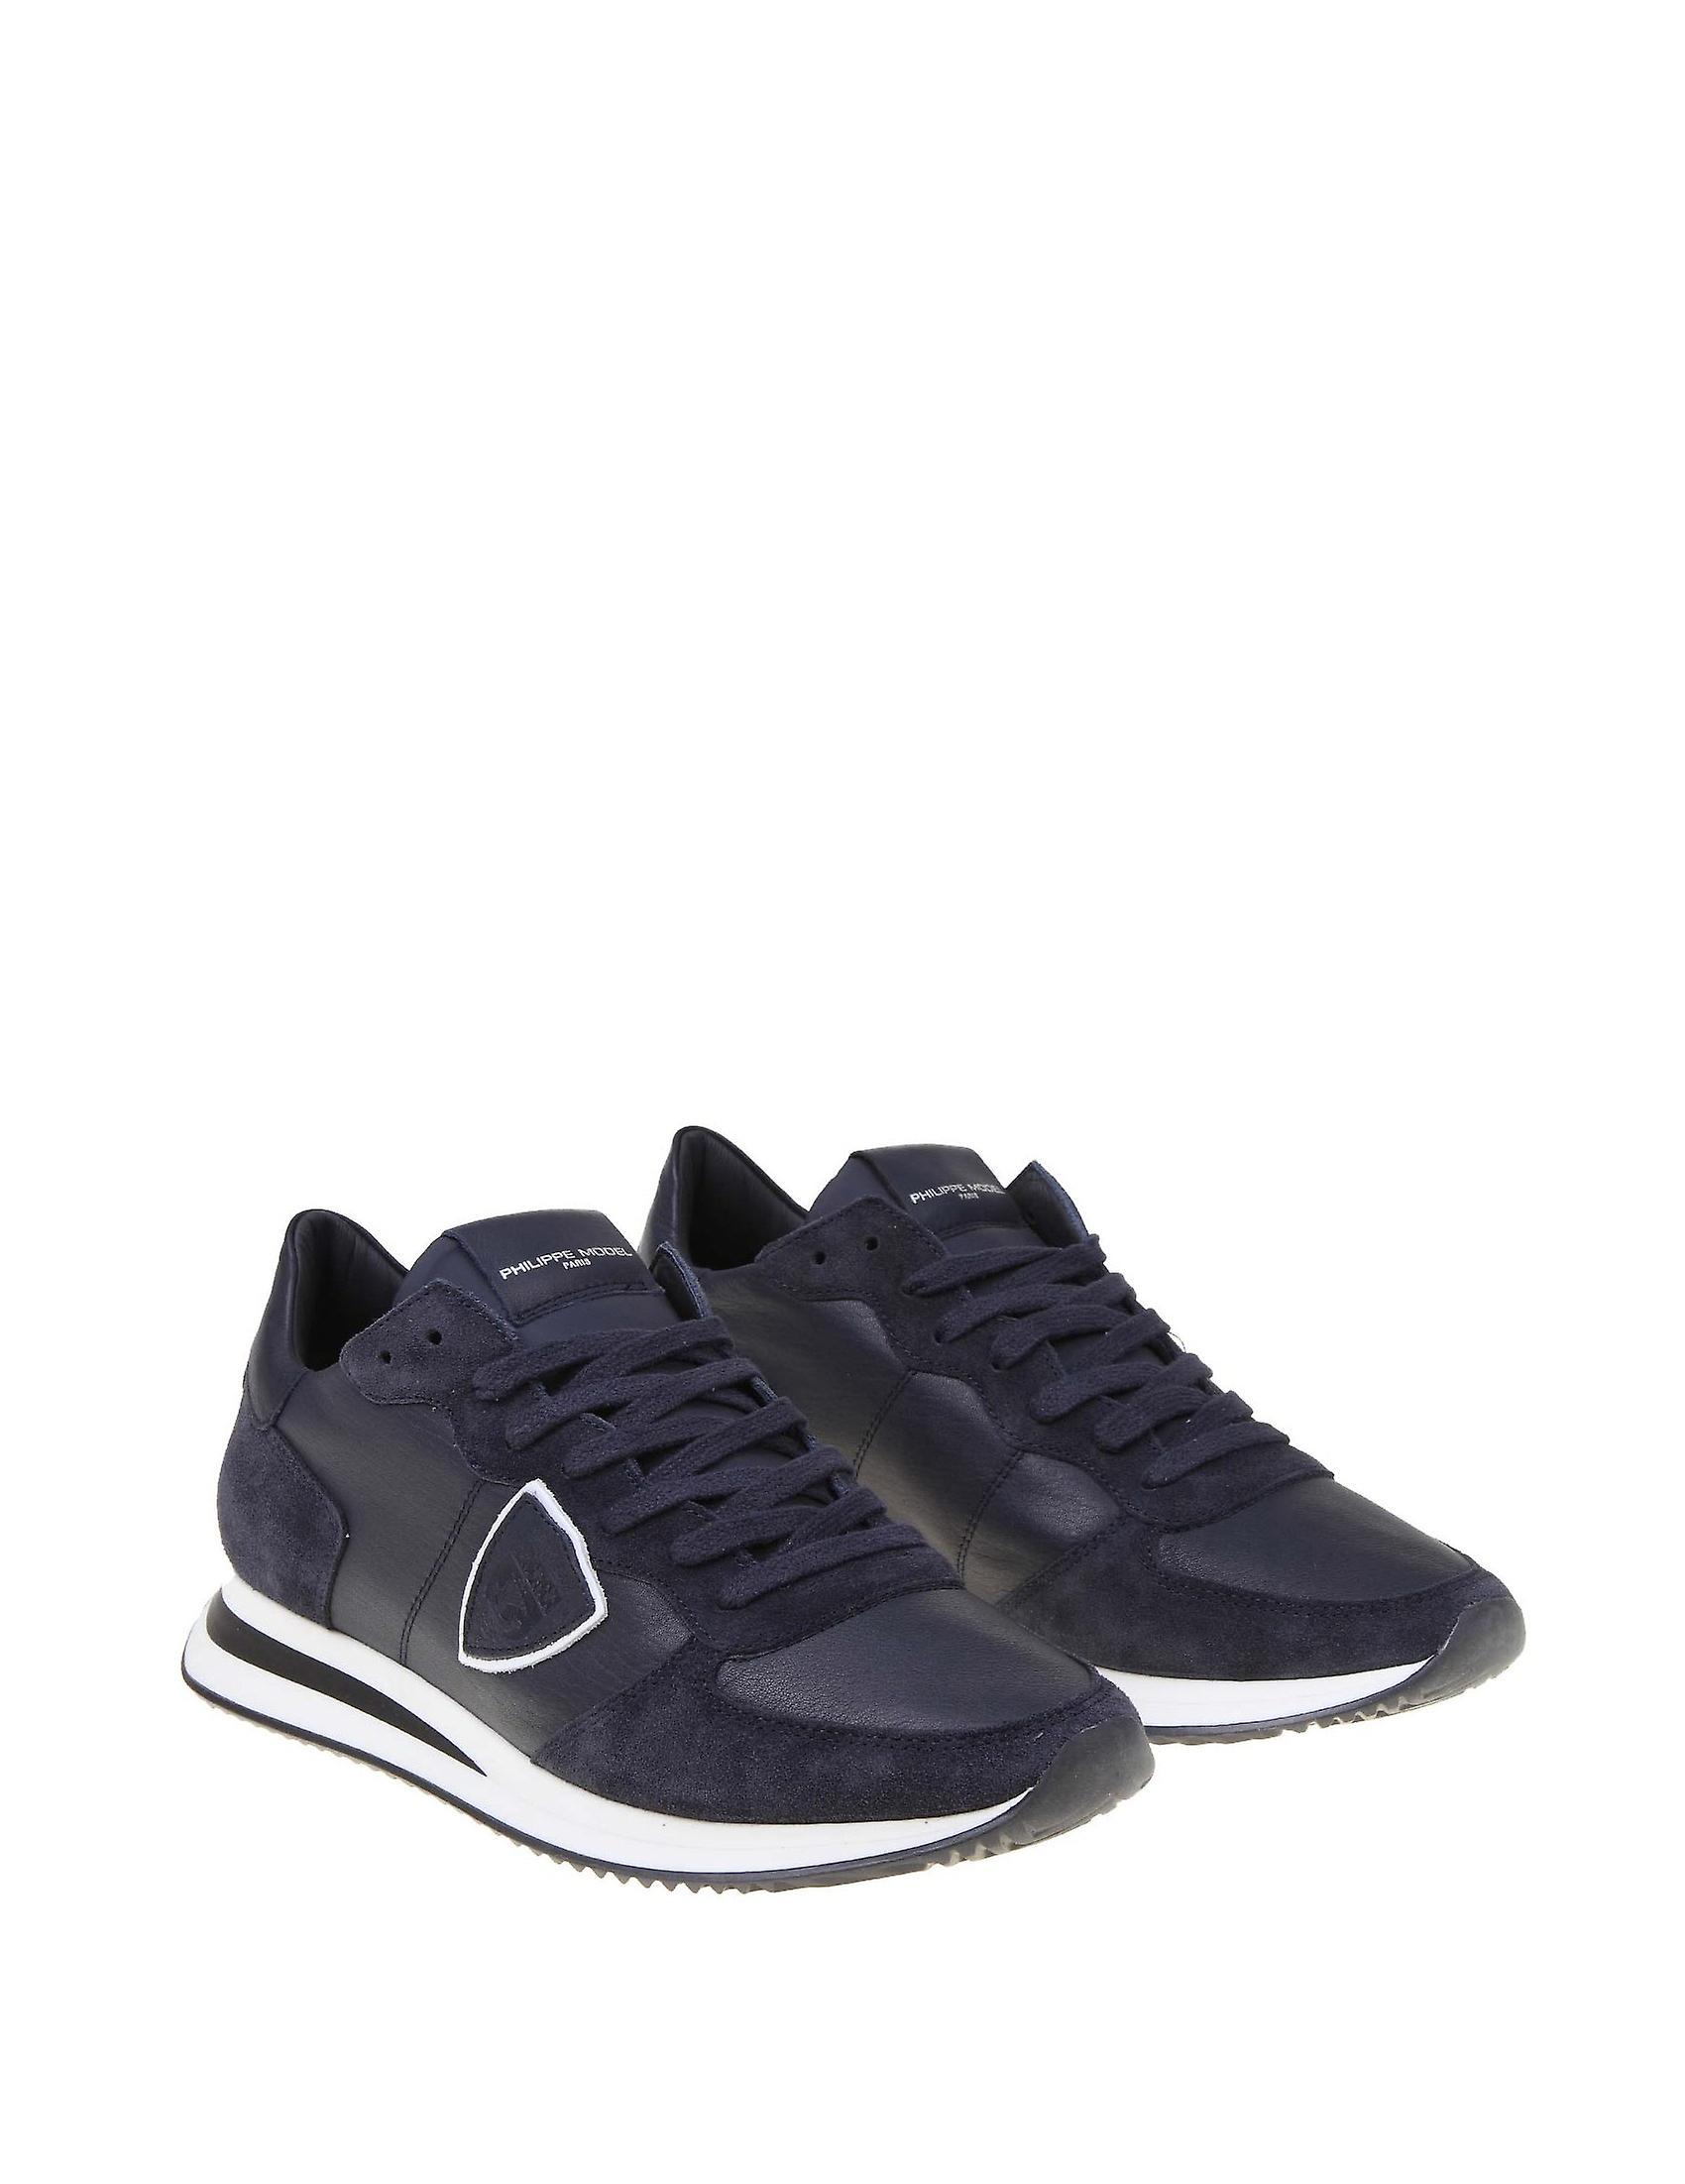 Philippe Model Tzlu5005 Baskets en cuir bleu pour hommes